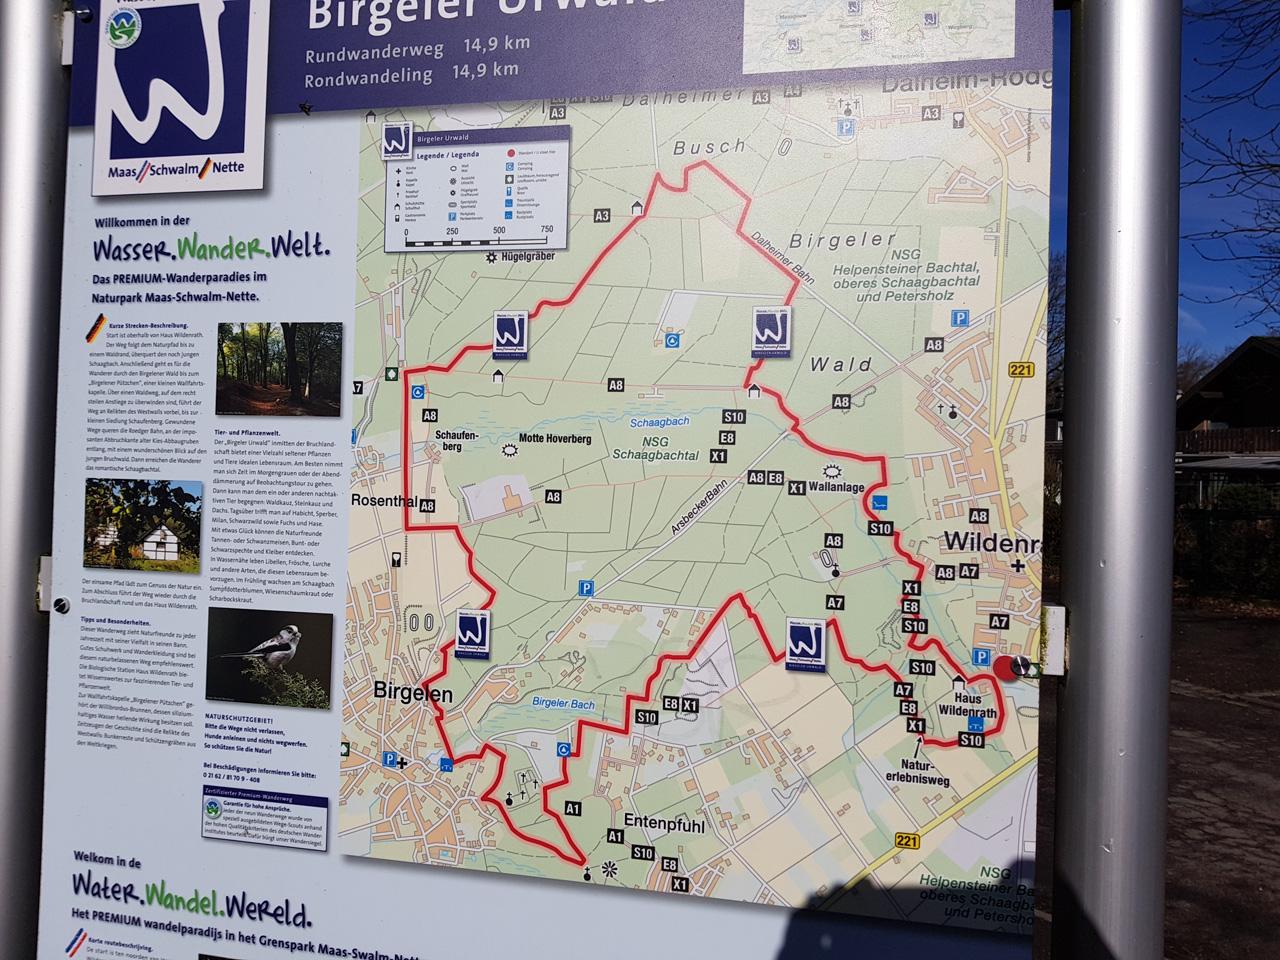 Karte vom Birgeler Urwald